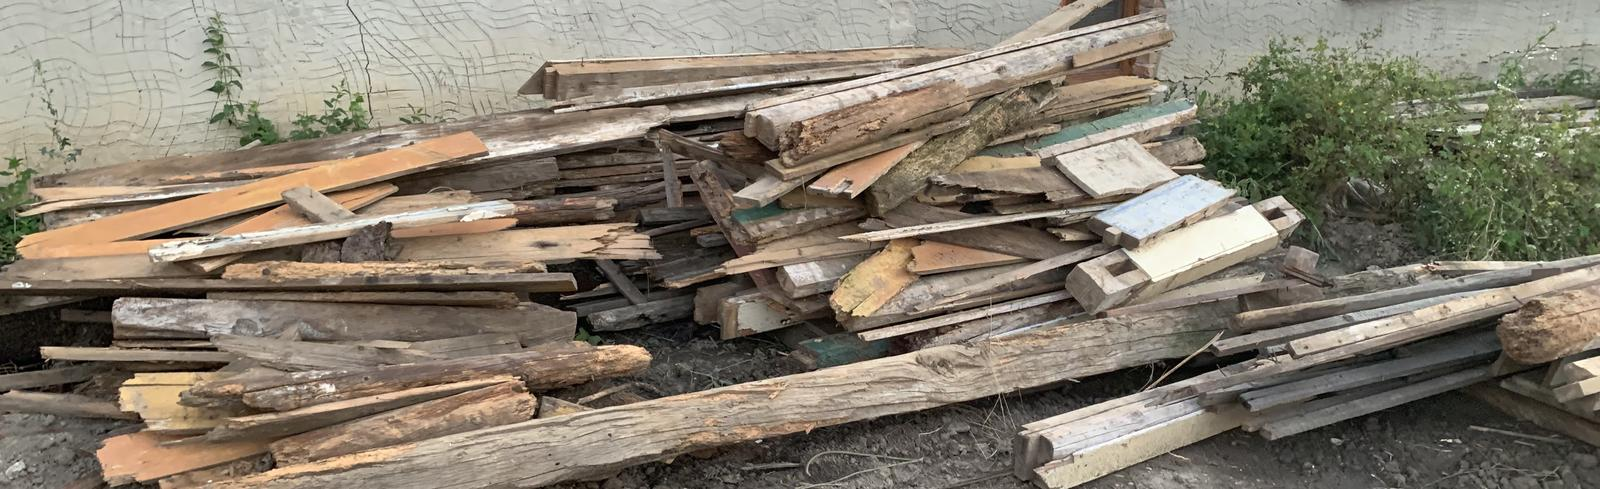 Drevo  - Obrázok č. 2